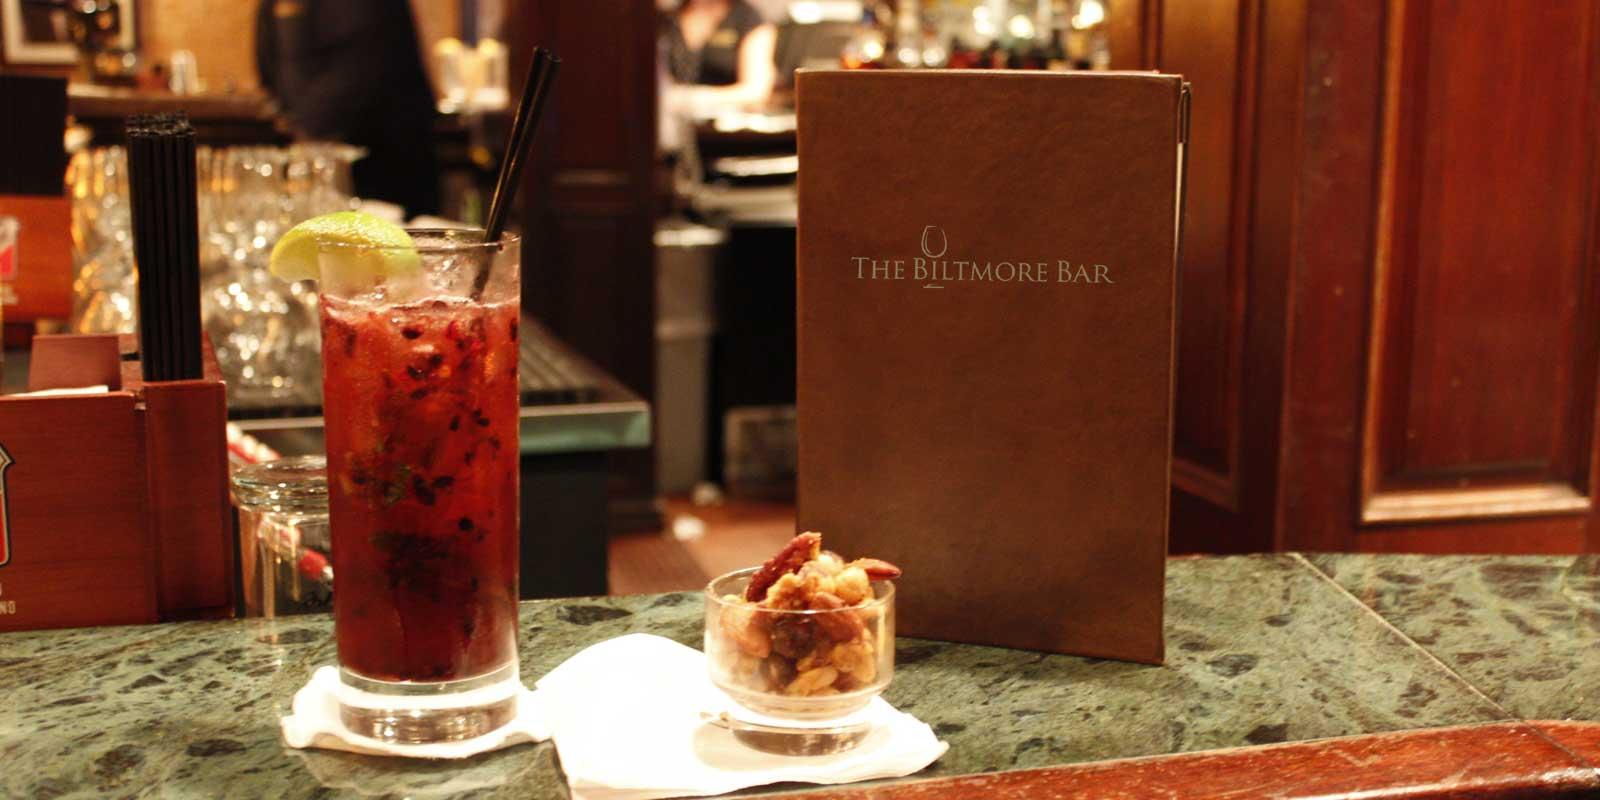 Enjoy a mixed drink at the Biltmore Bar!